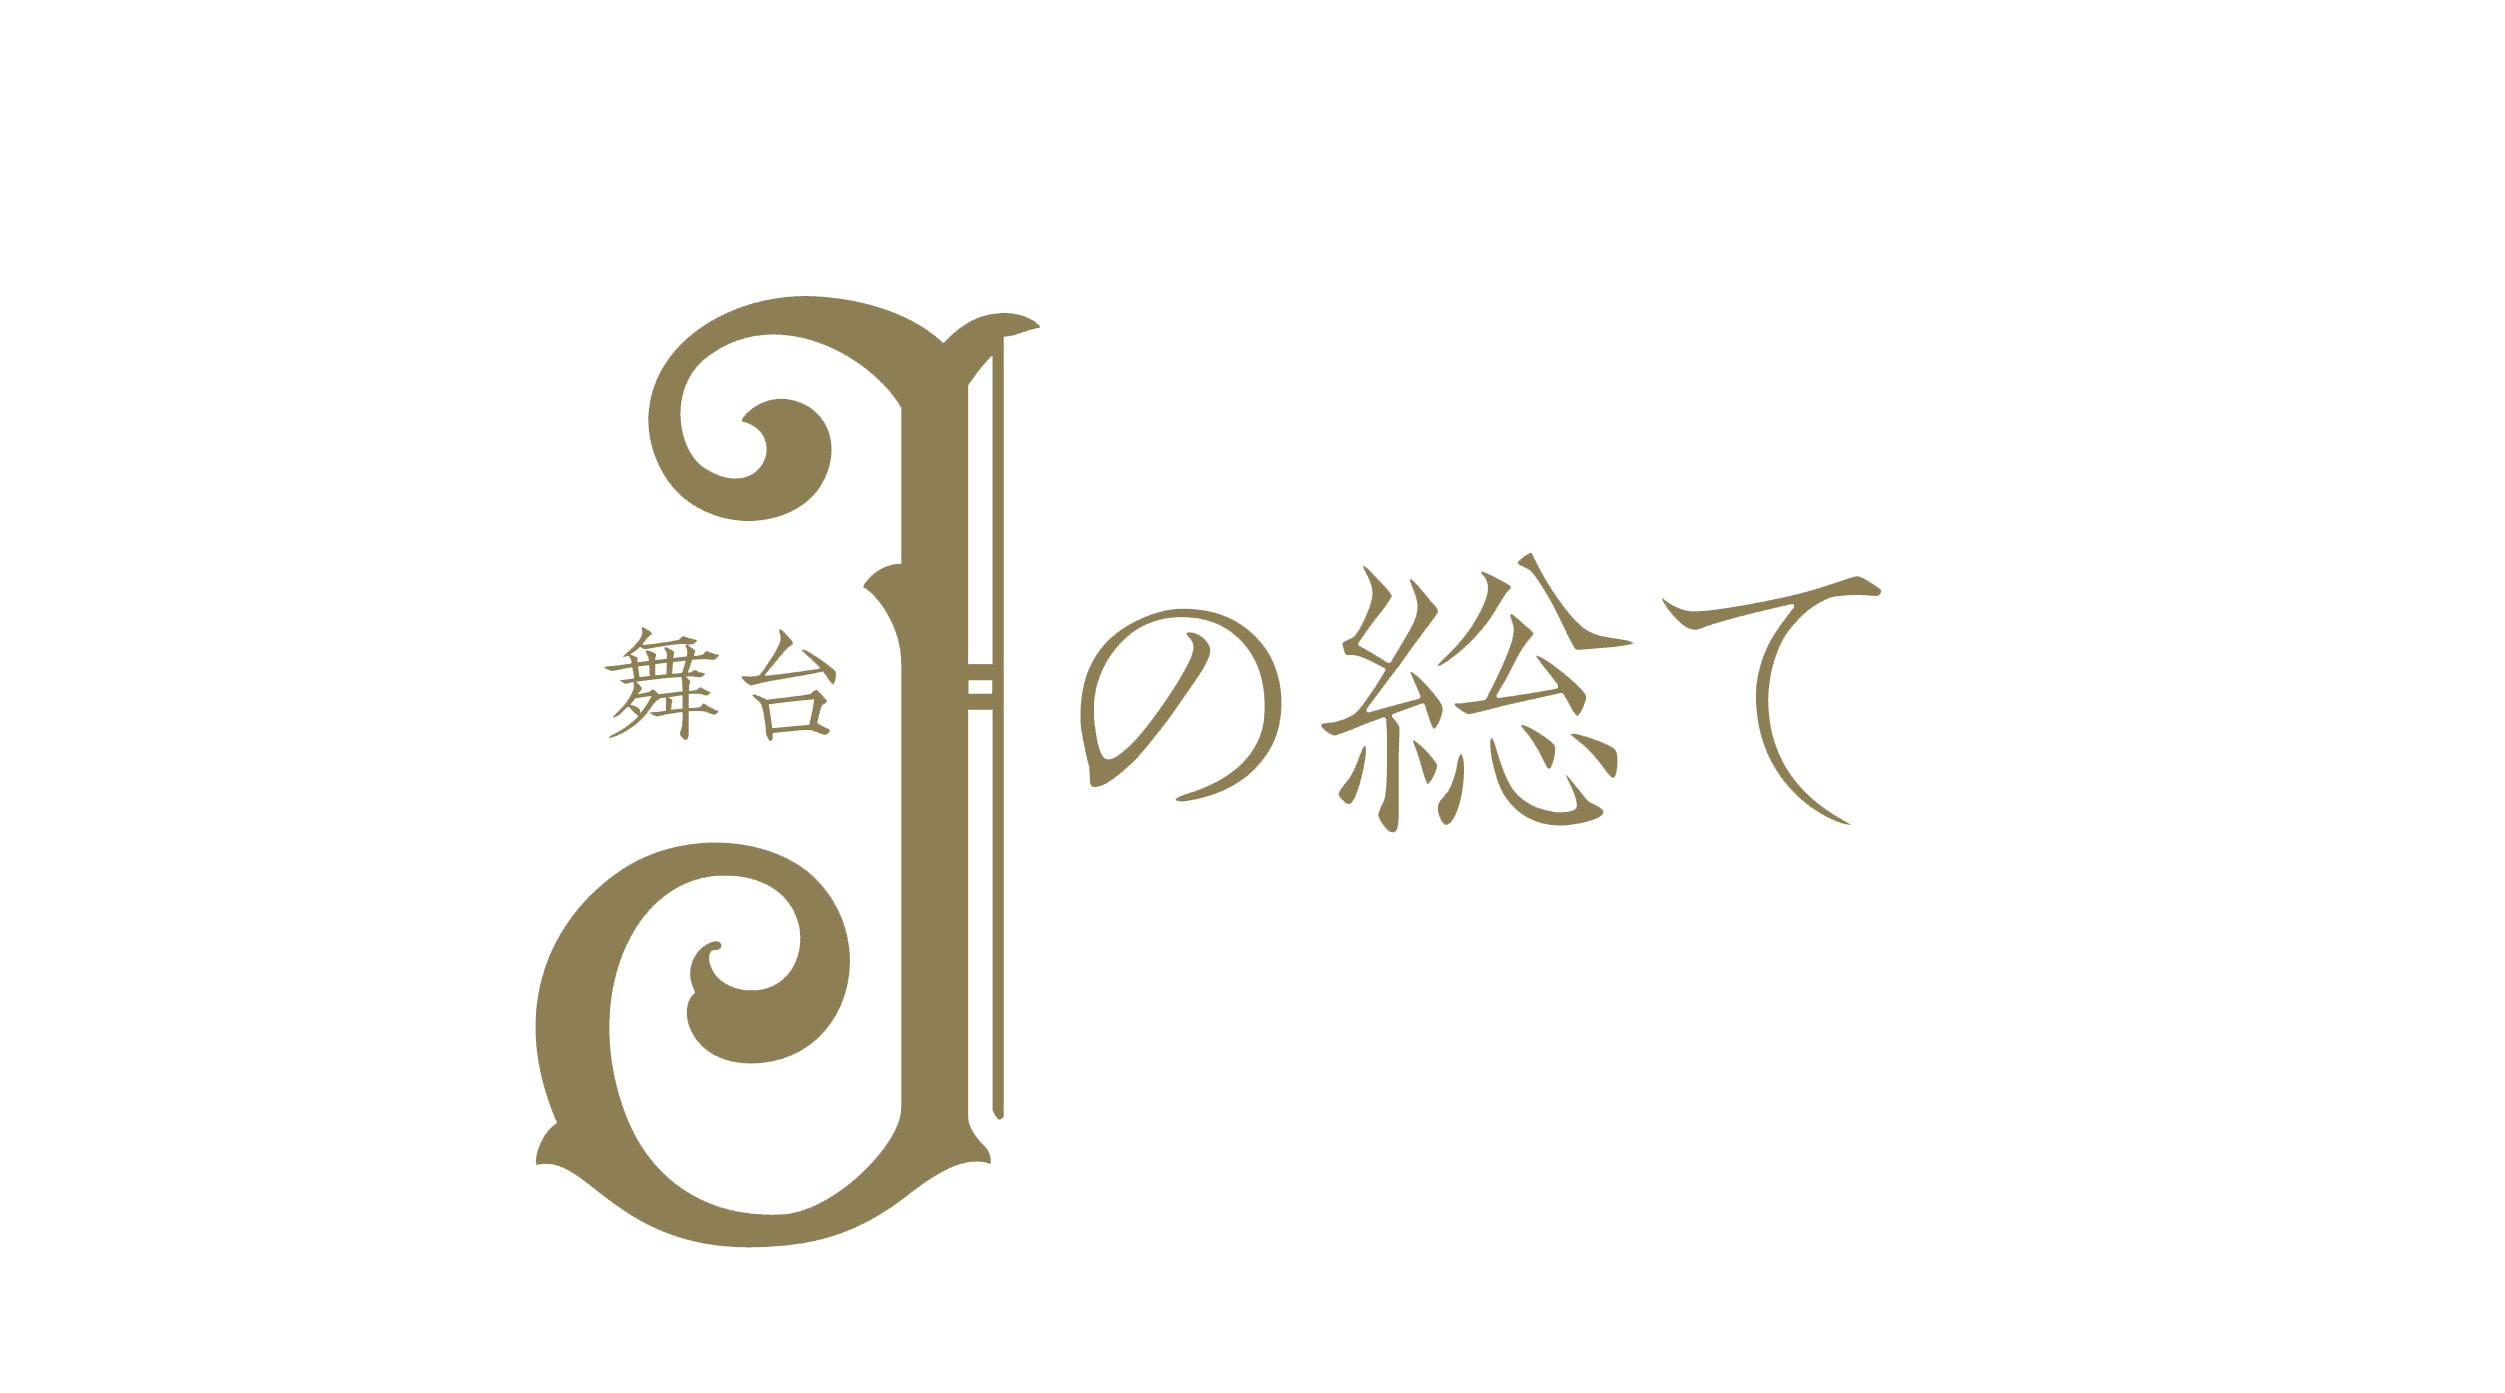 中村明日美子作の漫画「Jの総て」が竹中凌平さんを主演に迎え初の舞台化! 3月14日(土)からアニメイト通販でチケット抽選受付開始!-2